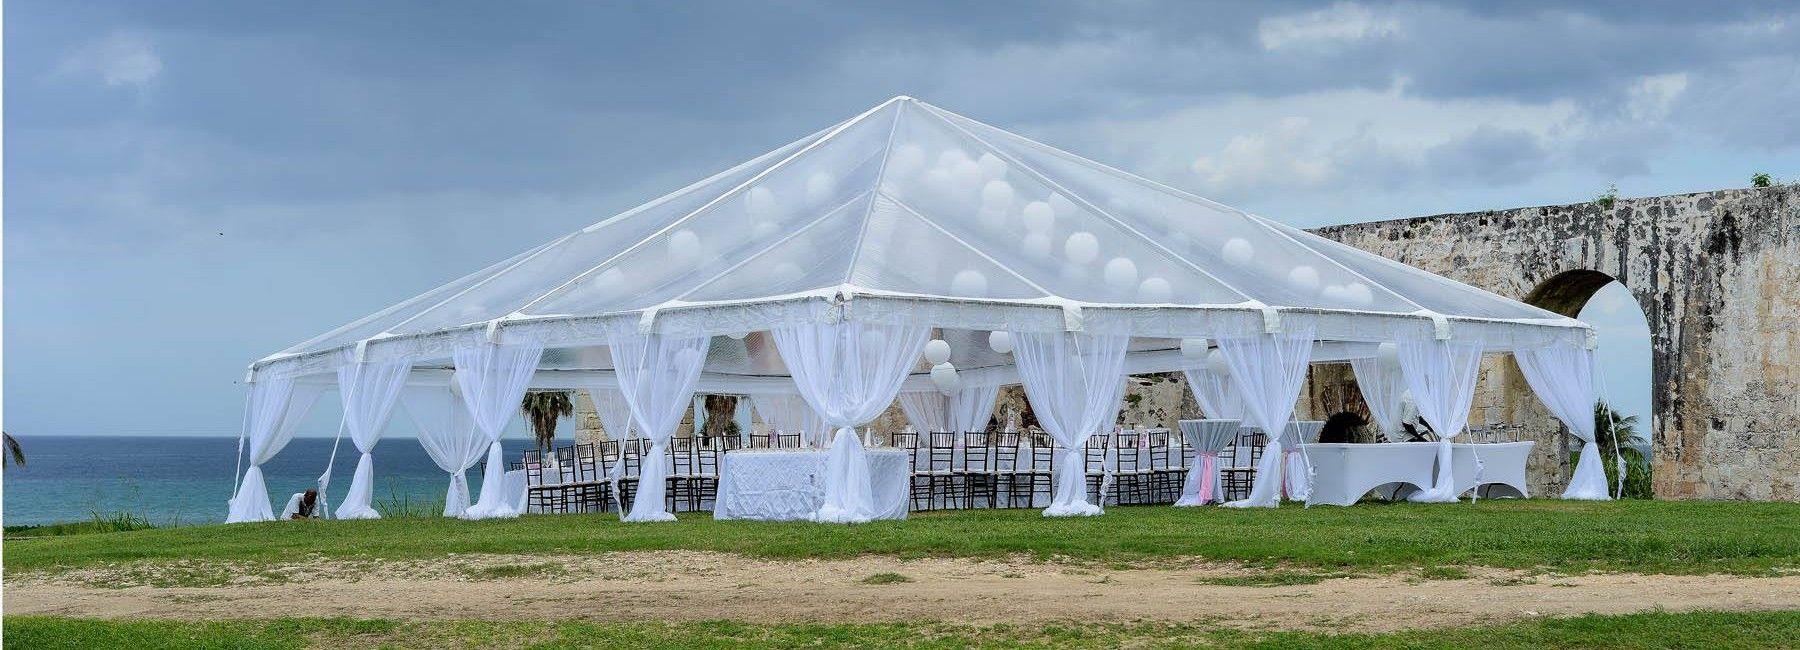 Chic Events Jamaica located destination brides in Jamaica